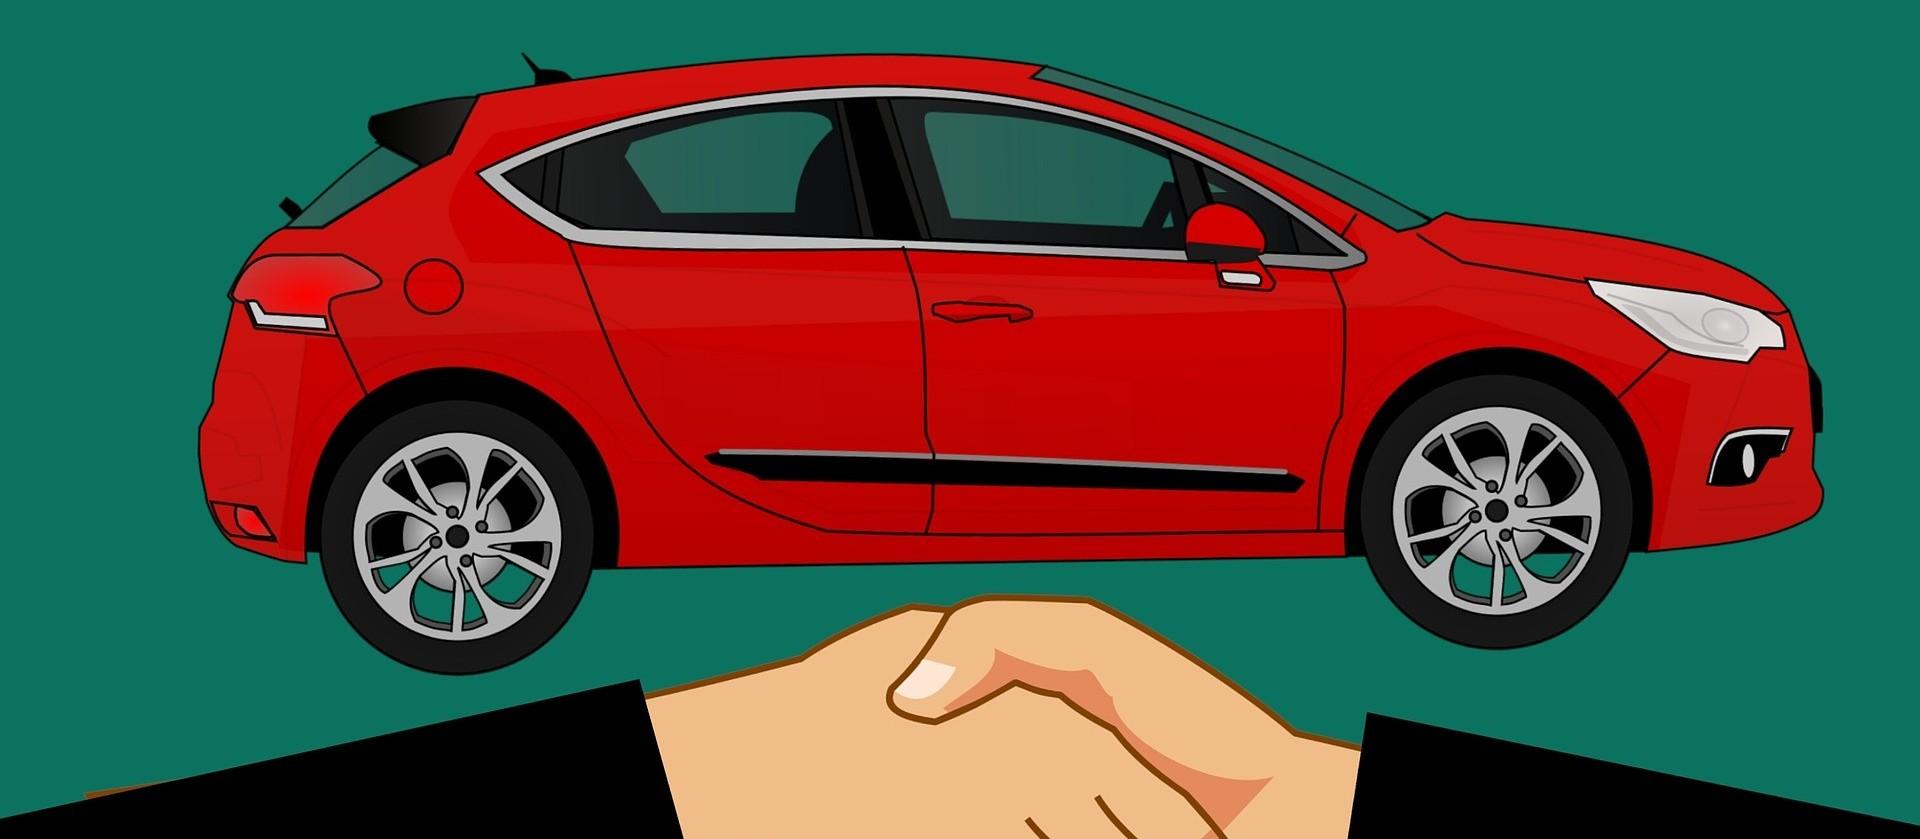 Compra de veículo usado exige atenção, alerta Procon